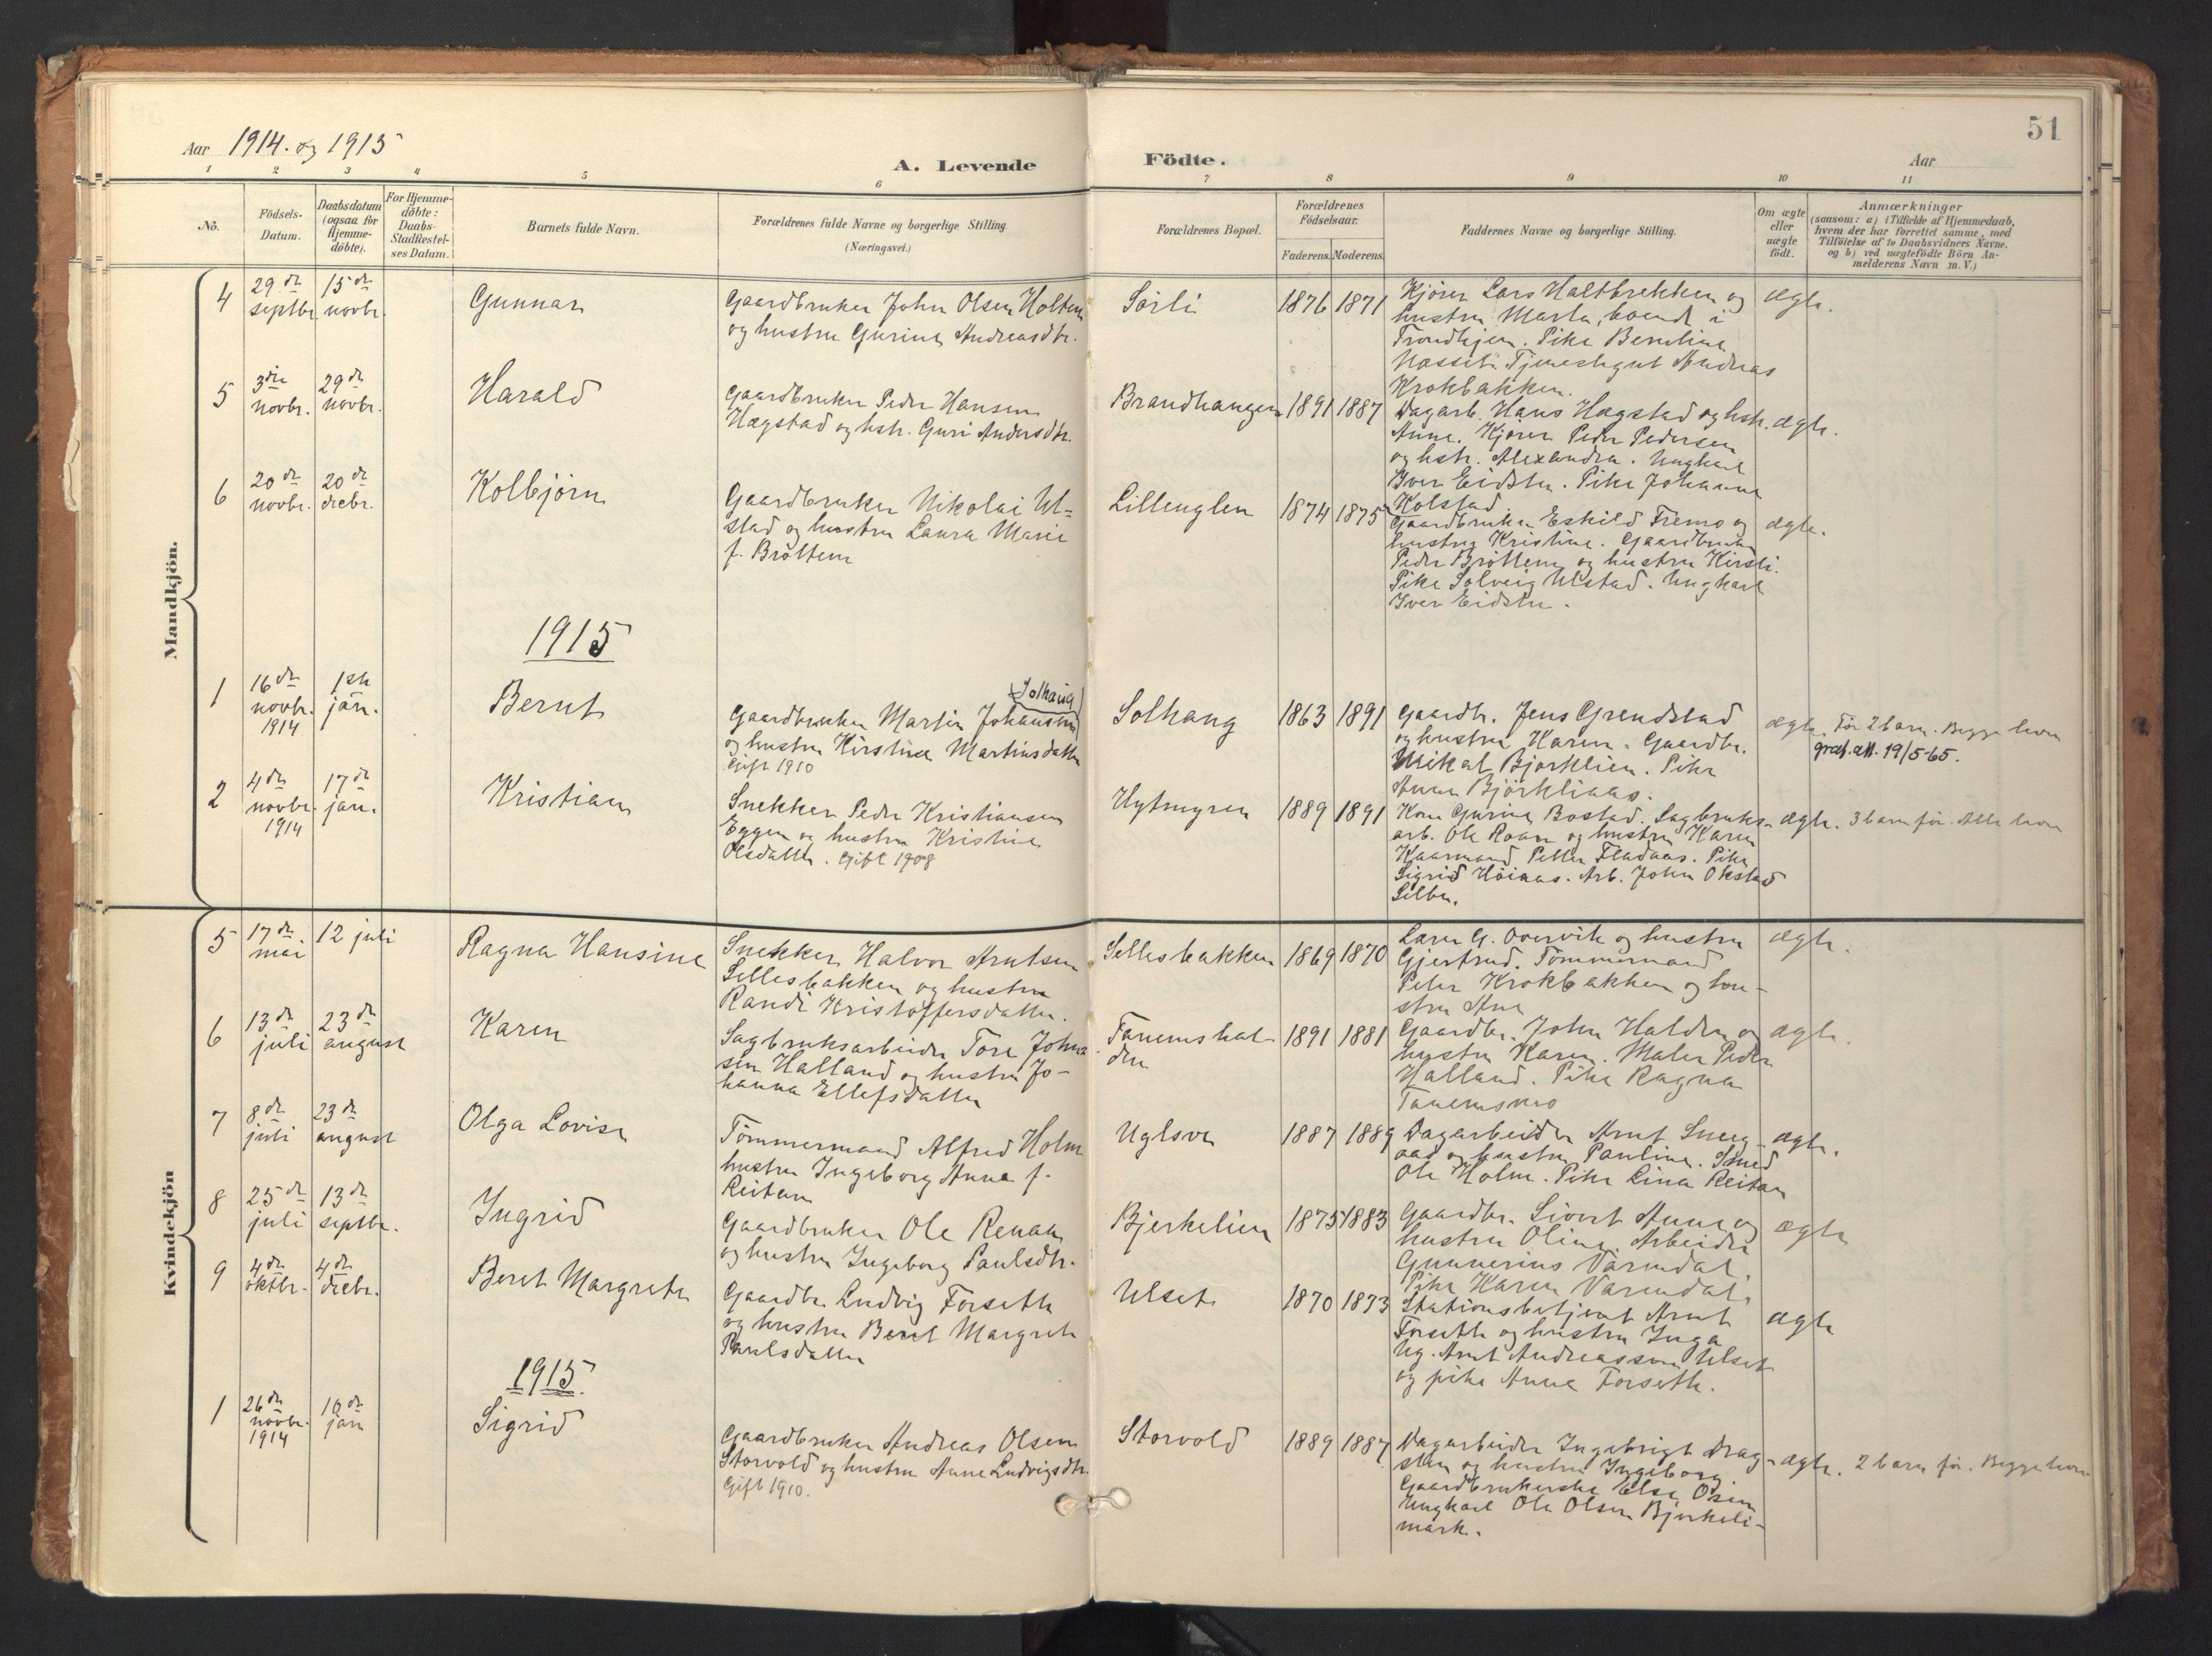 SAT, Ministerialprotokoller, klokkerbøker og fødselsregistre - Sør-Trøndelag, 618/L0448: Ministerialbok nr. 618A11, 1898-1916, s. 51